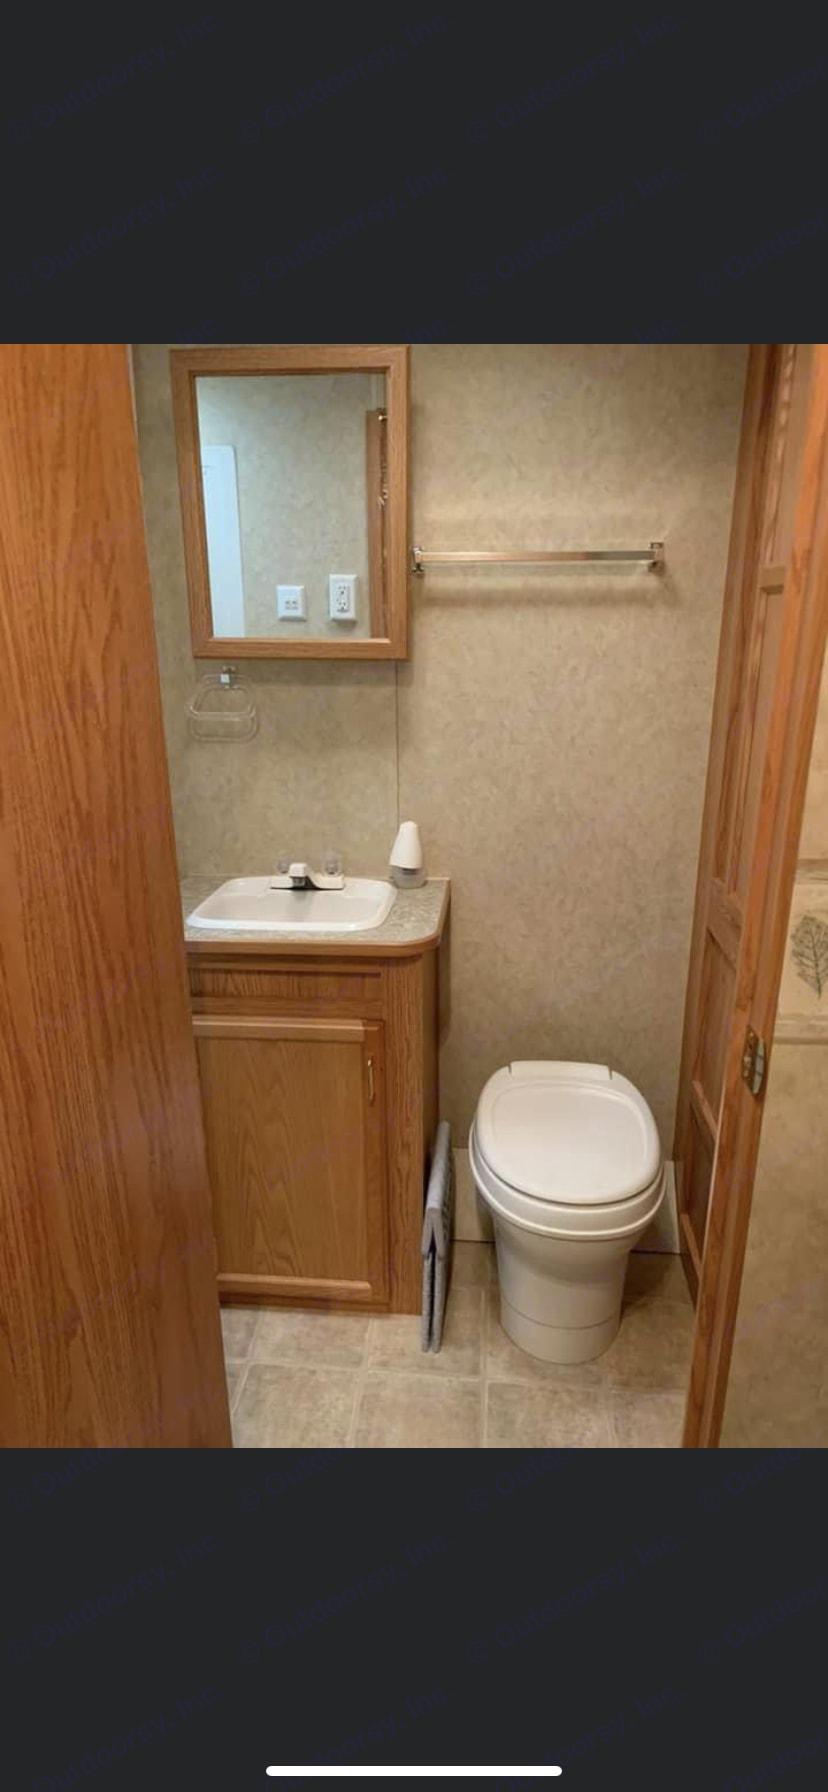 Bathroom and sink. Jayco Jay Flight 2005